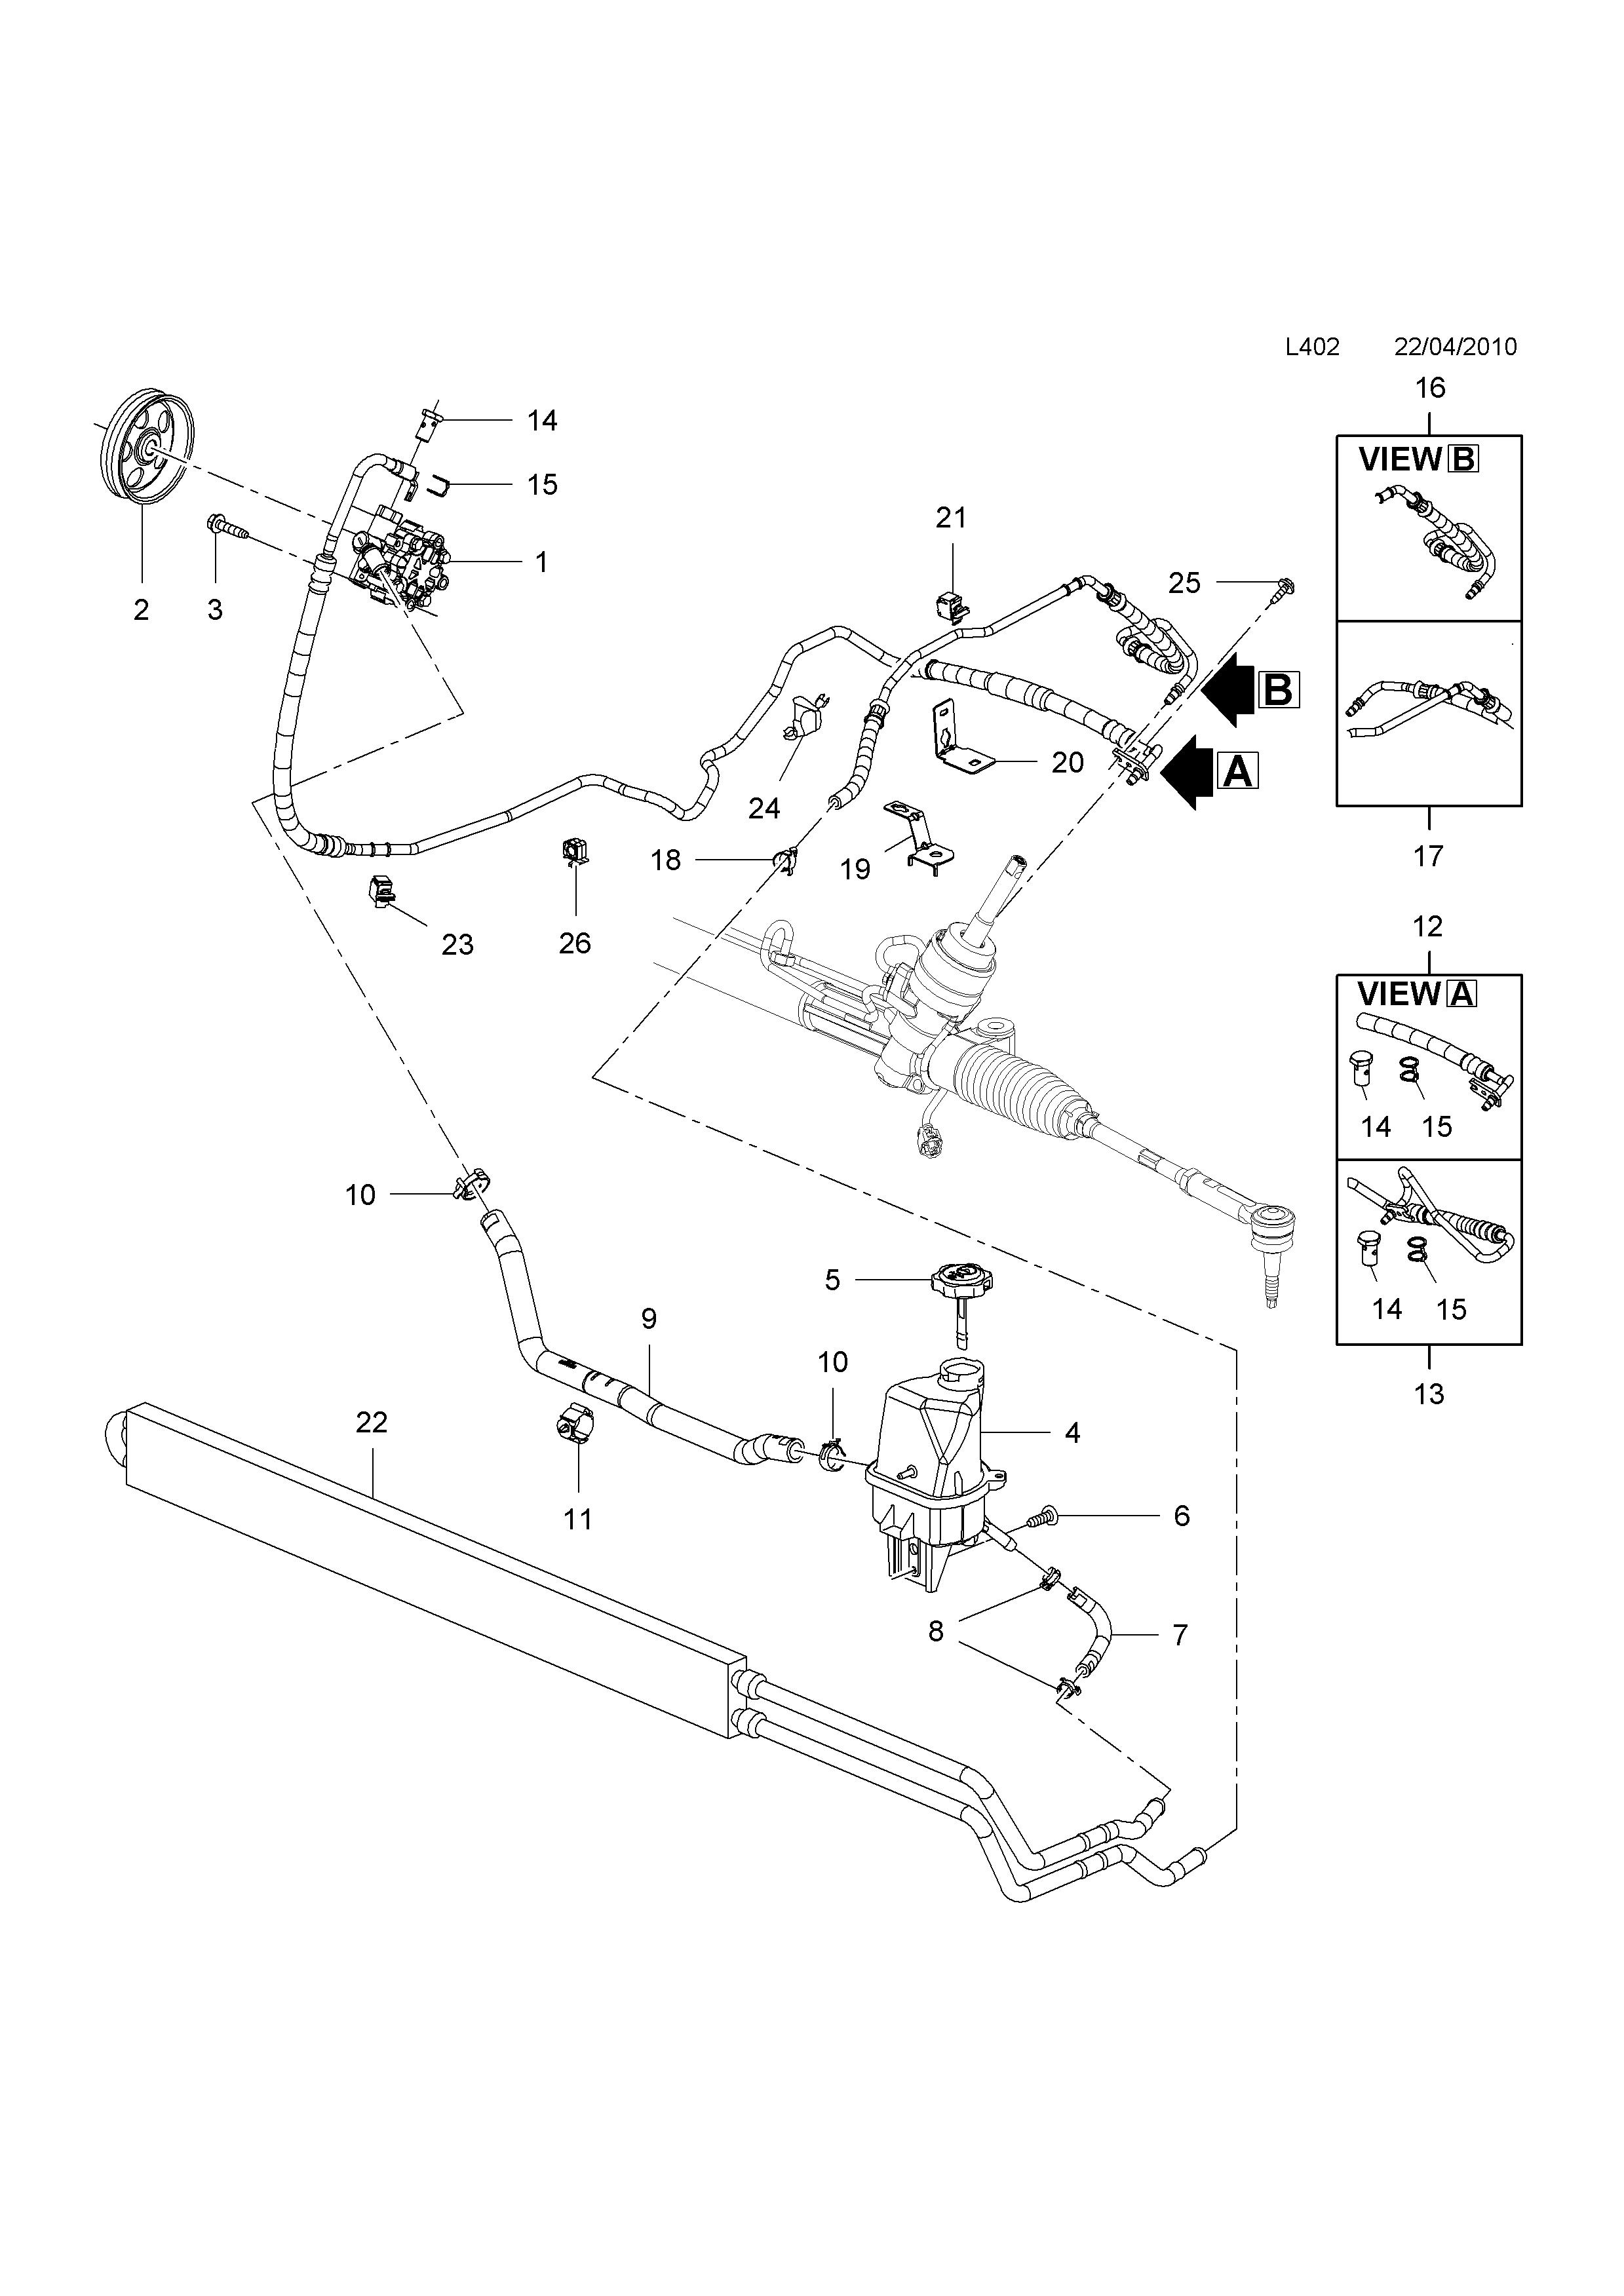 gm-part number, genuine part number, description, range  power steering